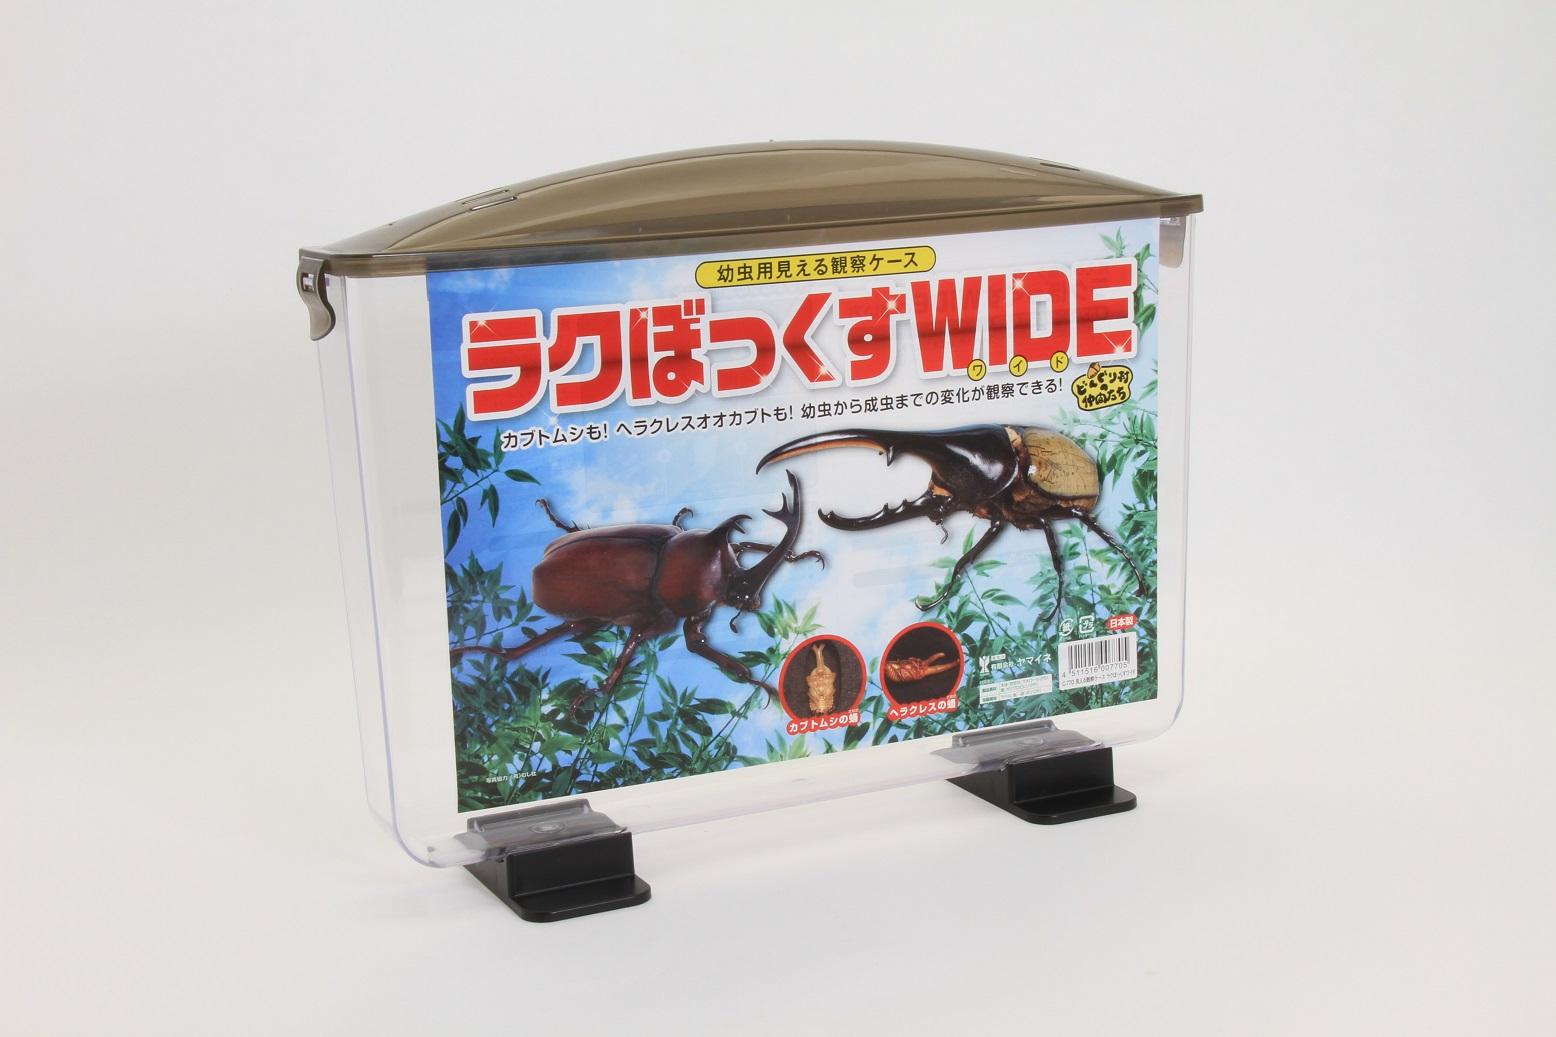 新品 幼虫観察ケース 正規認証品 新規格 ラクボックスワイド 見える飼育ケース